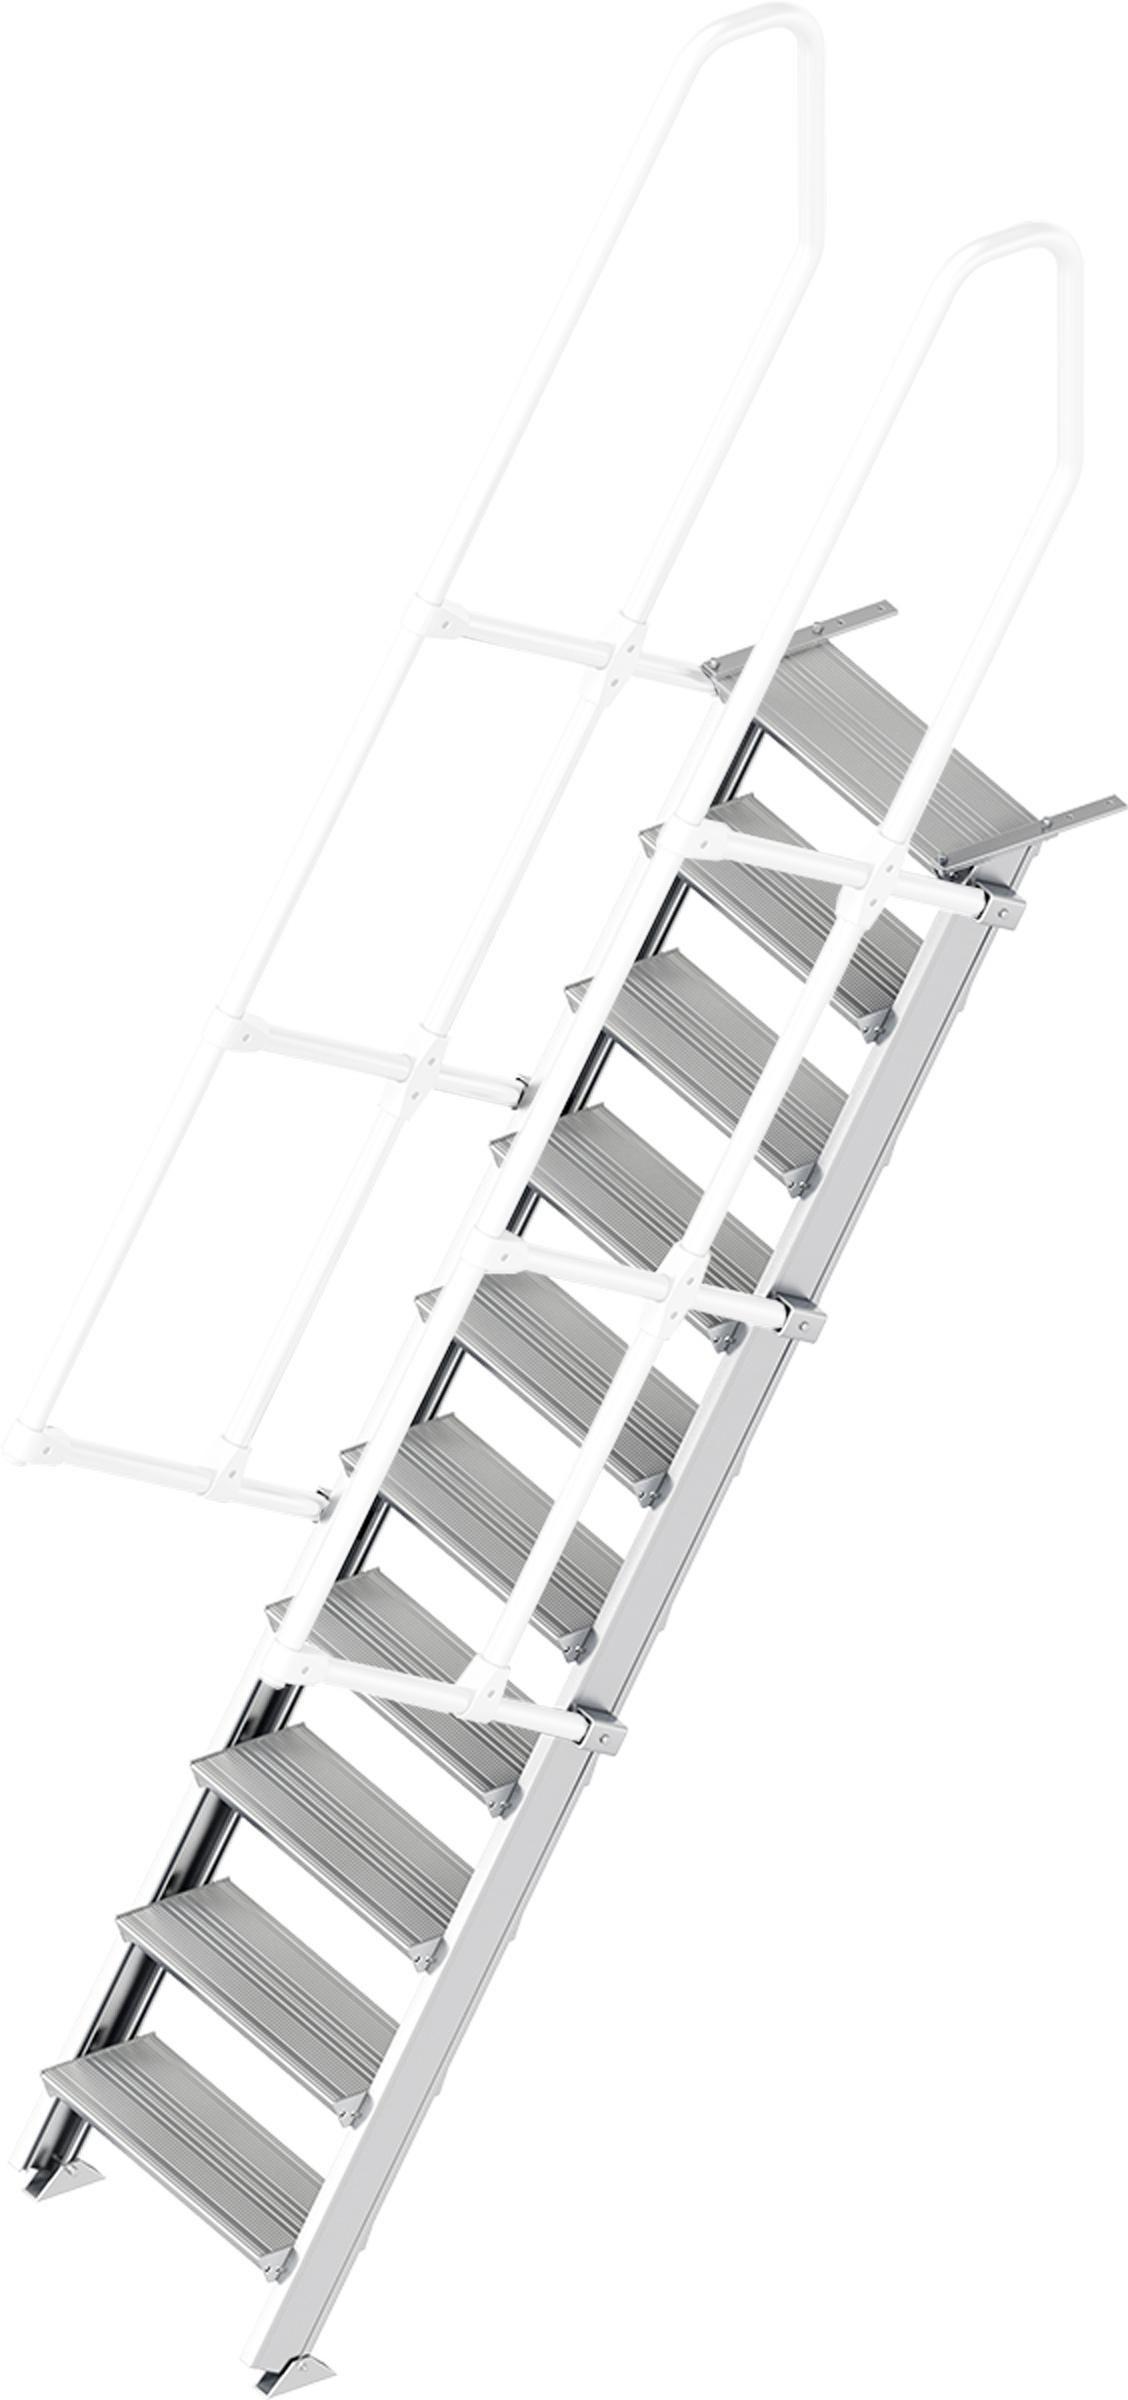 Layher Treppe 60° 10 Stufen - 600 mm breit